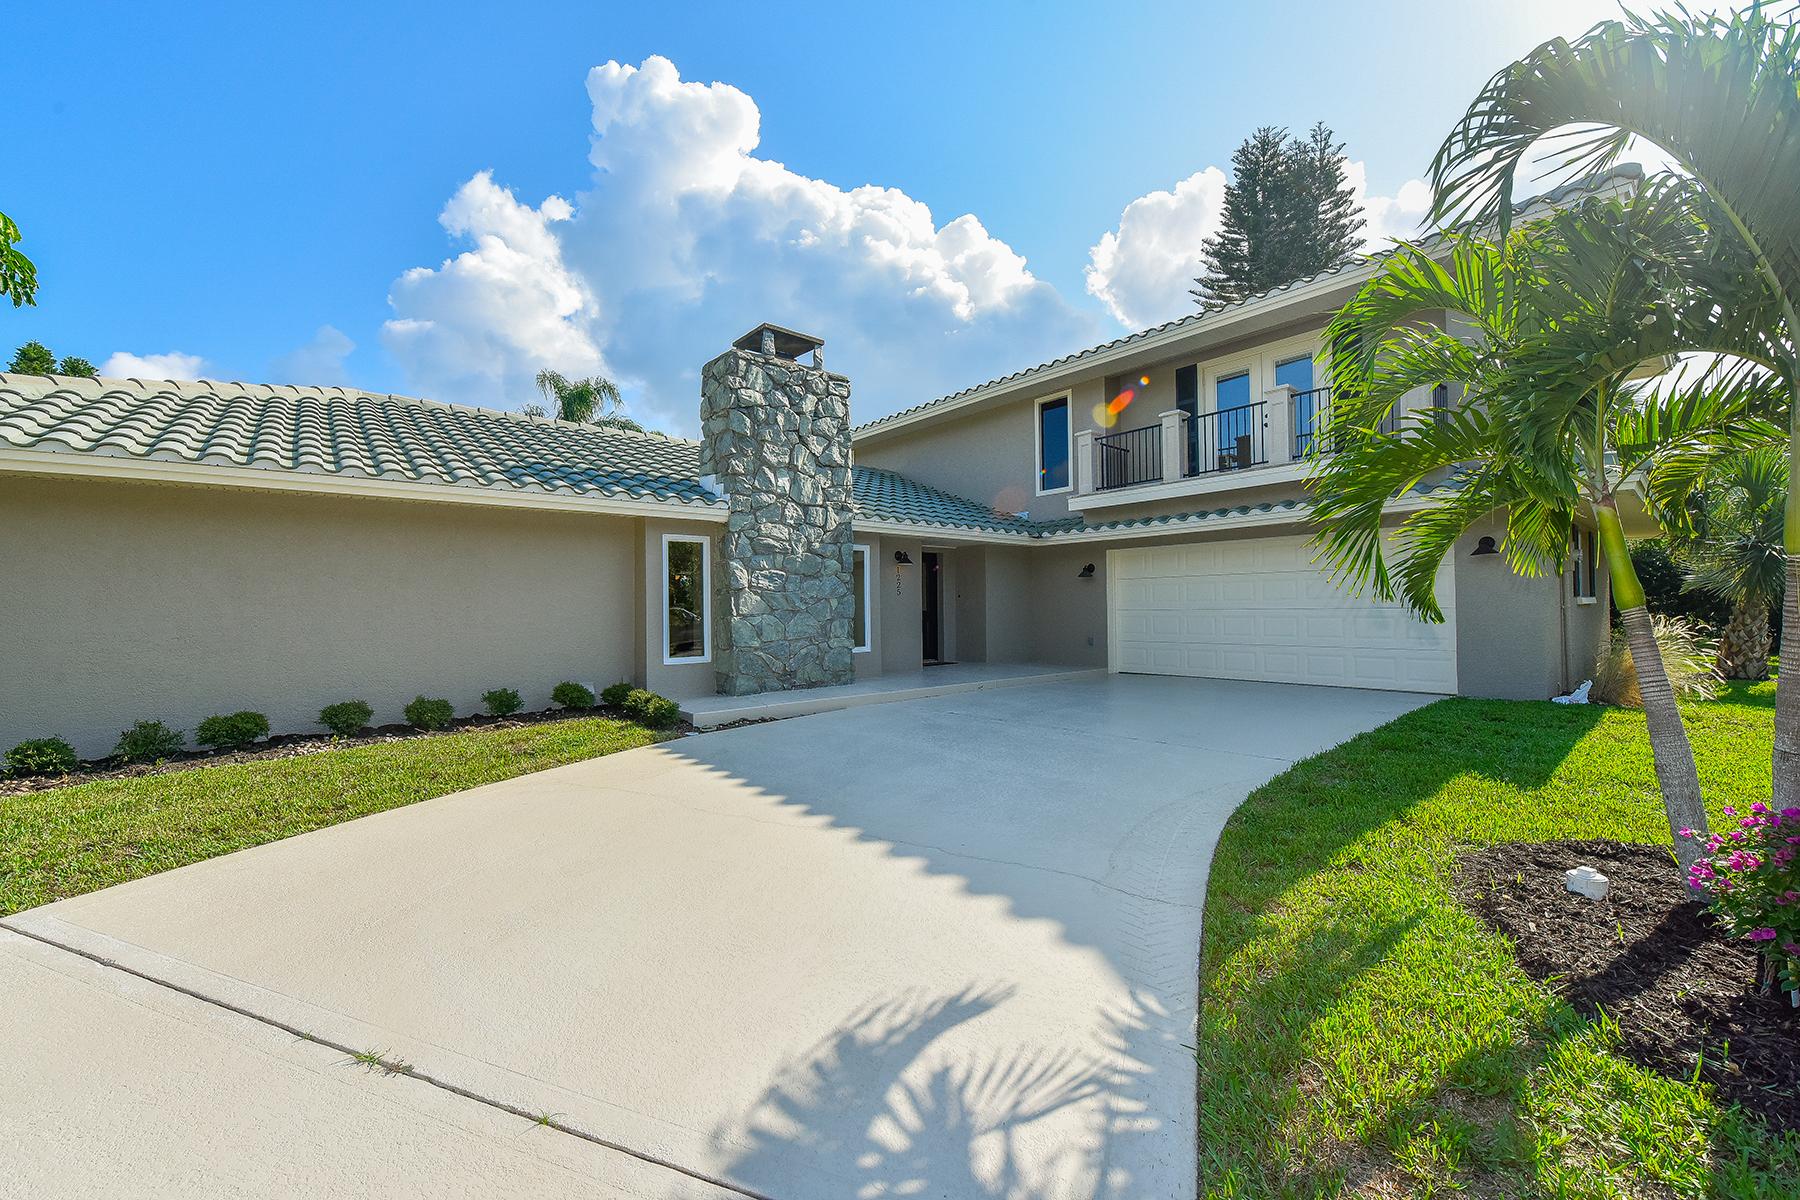 단독 가정 주택 용 매매 에 PRINCESS GATE 1225 Whitehall Pl Sarasota, 플로리다, 34242 미국